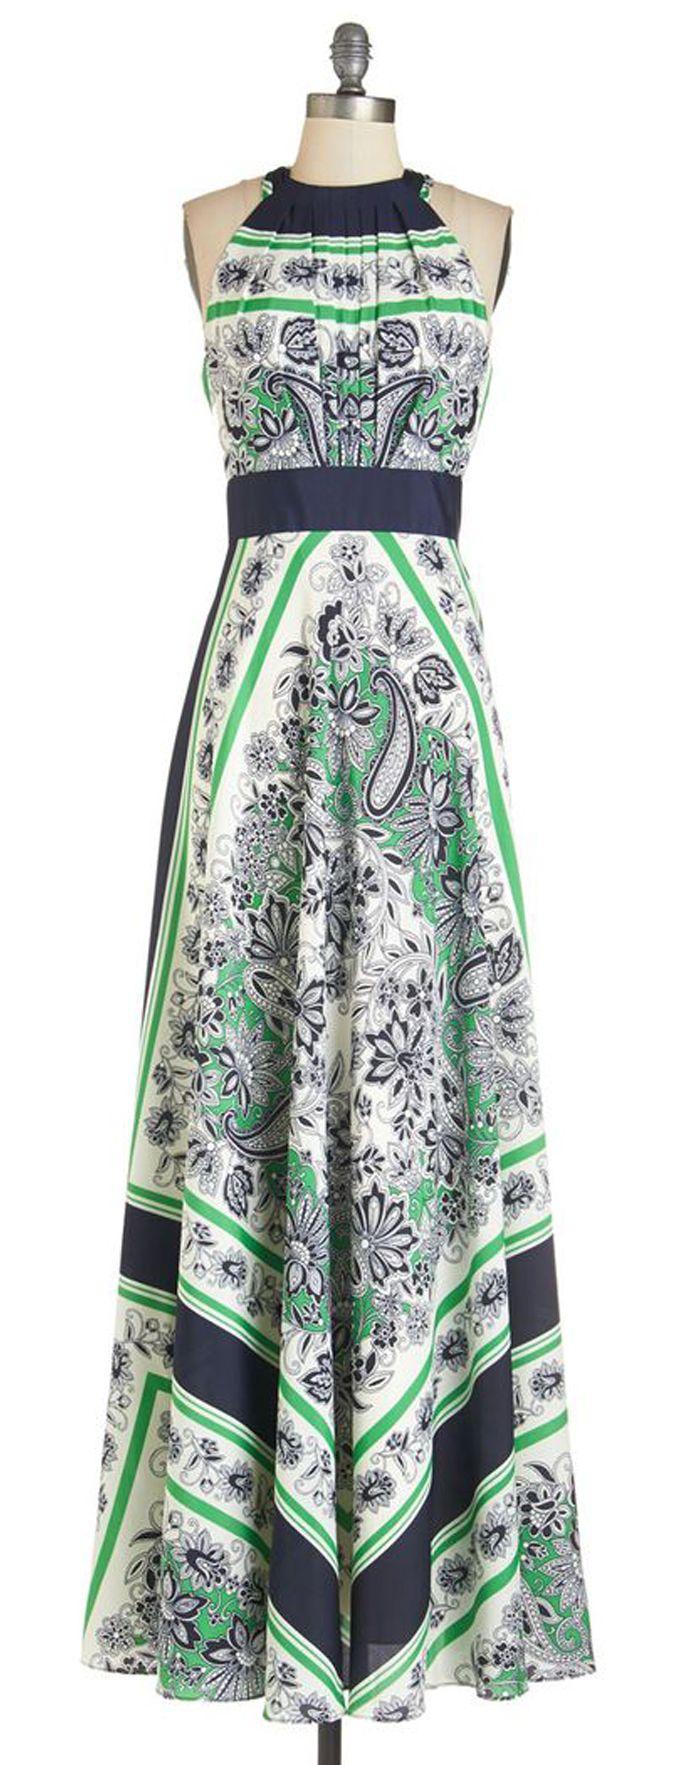 Garden Terrace Dress #modest #modesty #christian #fashion